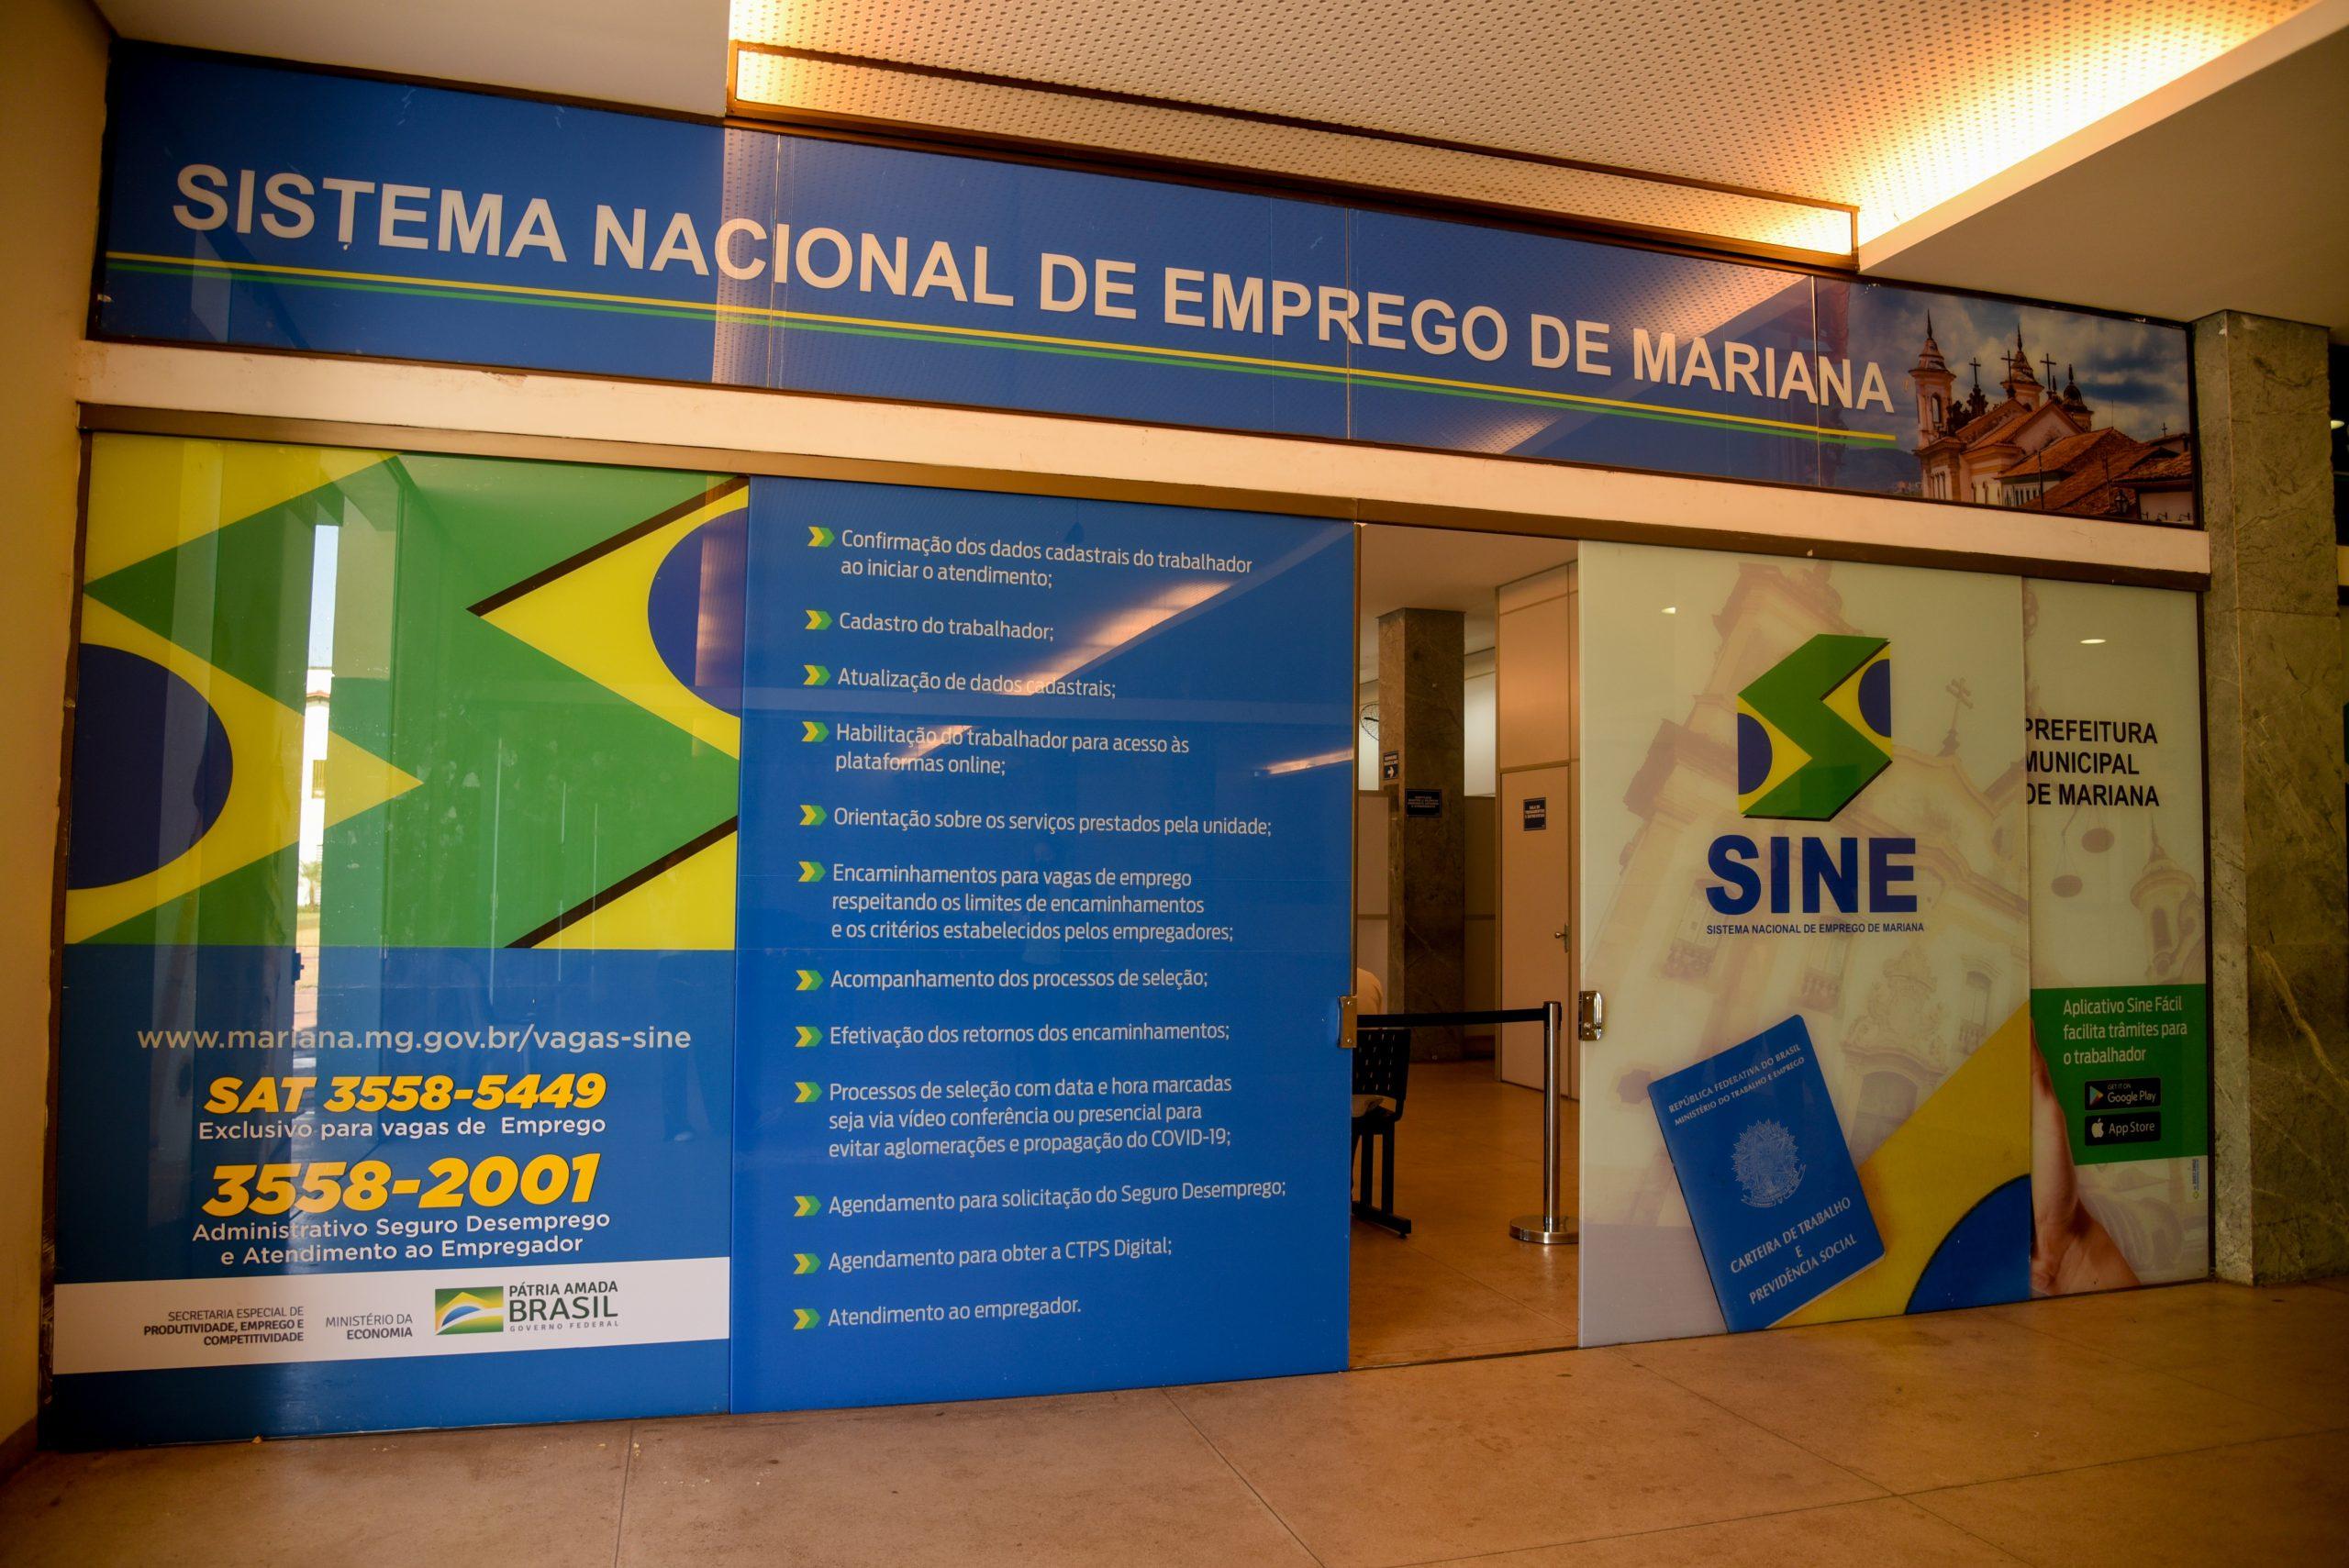 Sine Mariana - Foto: Lívia Maria/Prefeitura de Mariana/Divulgação